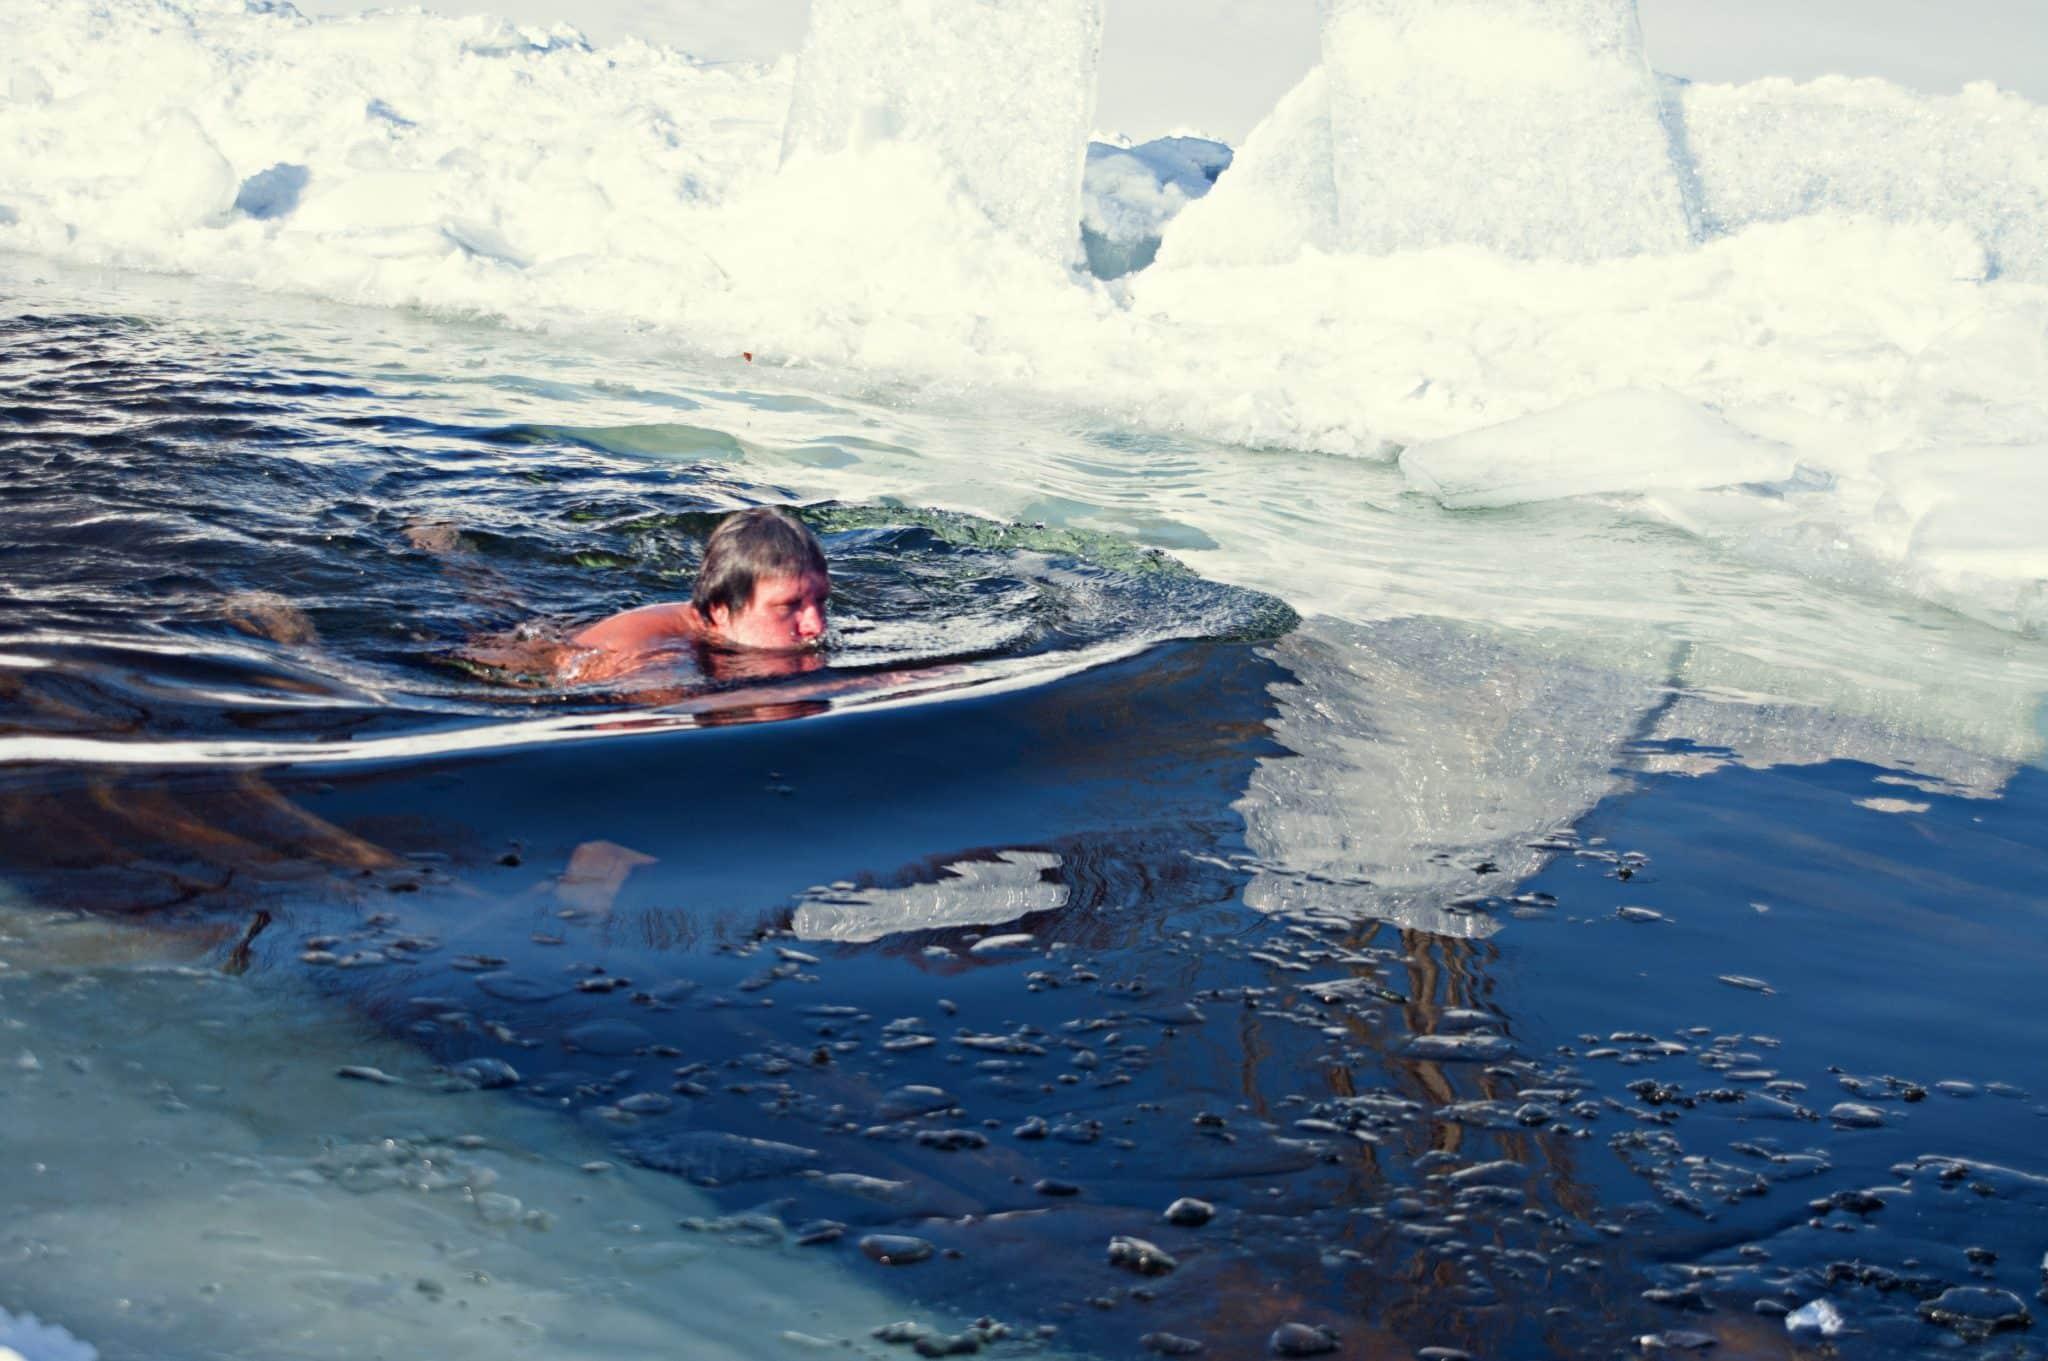 Natation dans le trou à glace